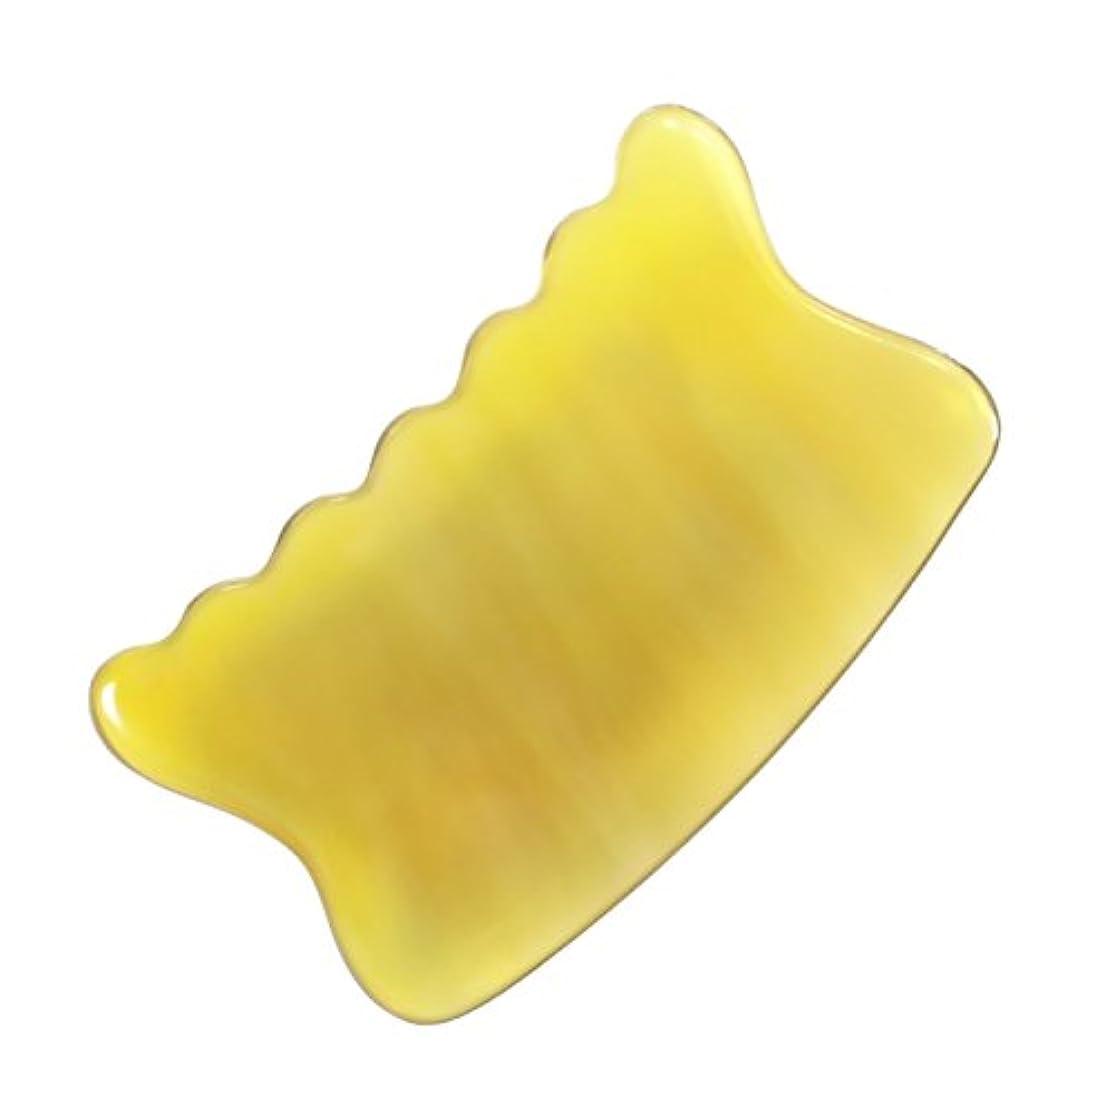 追い払う情熱キリンかっさ プレート 希少68 黄水牛角 極美品 曲波型